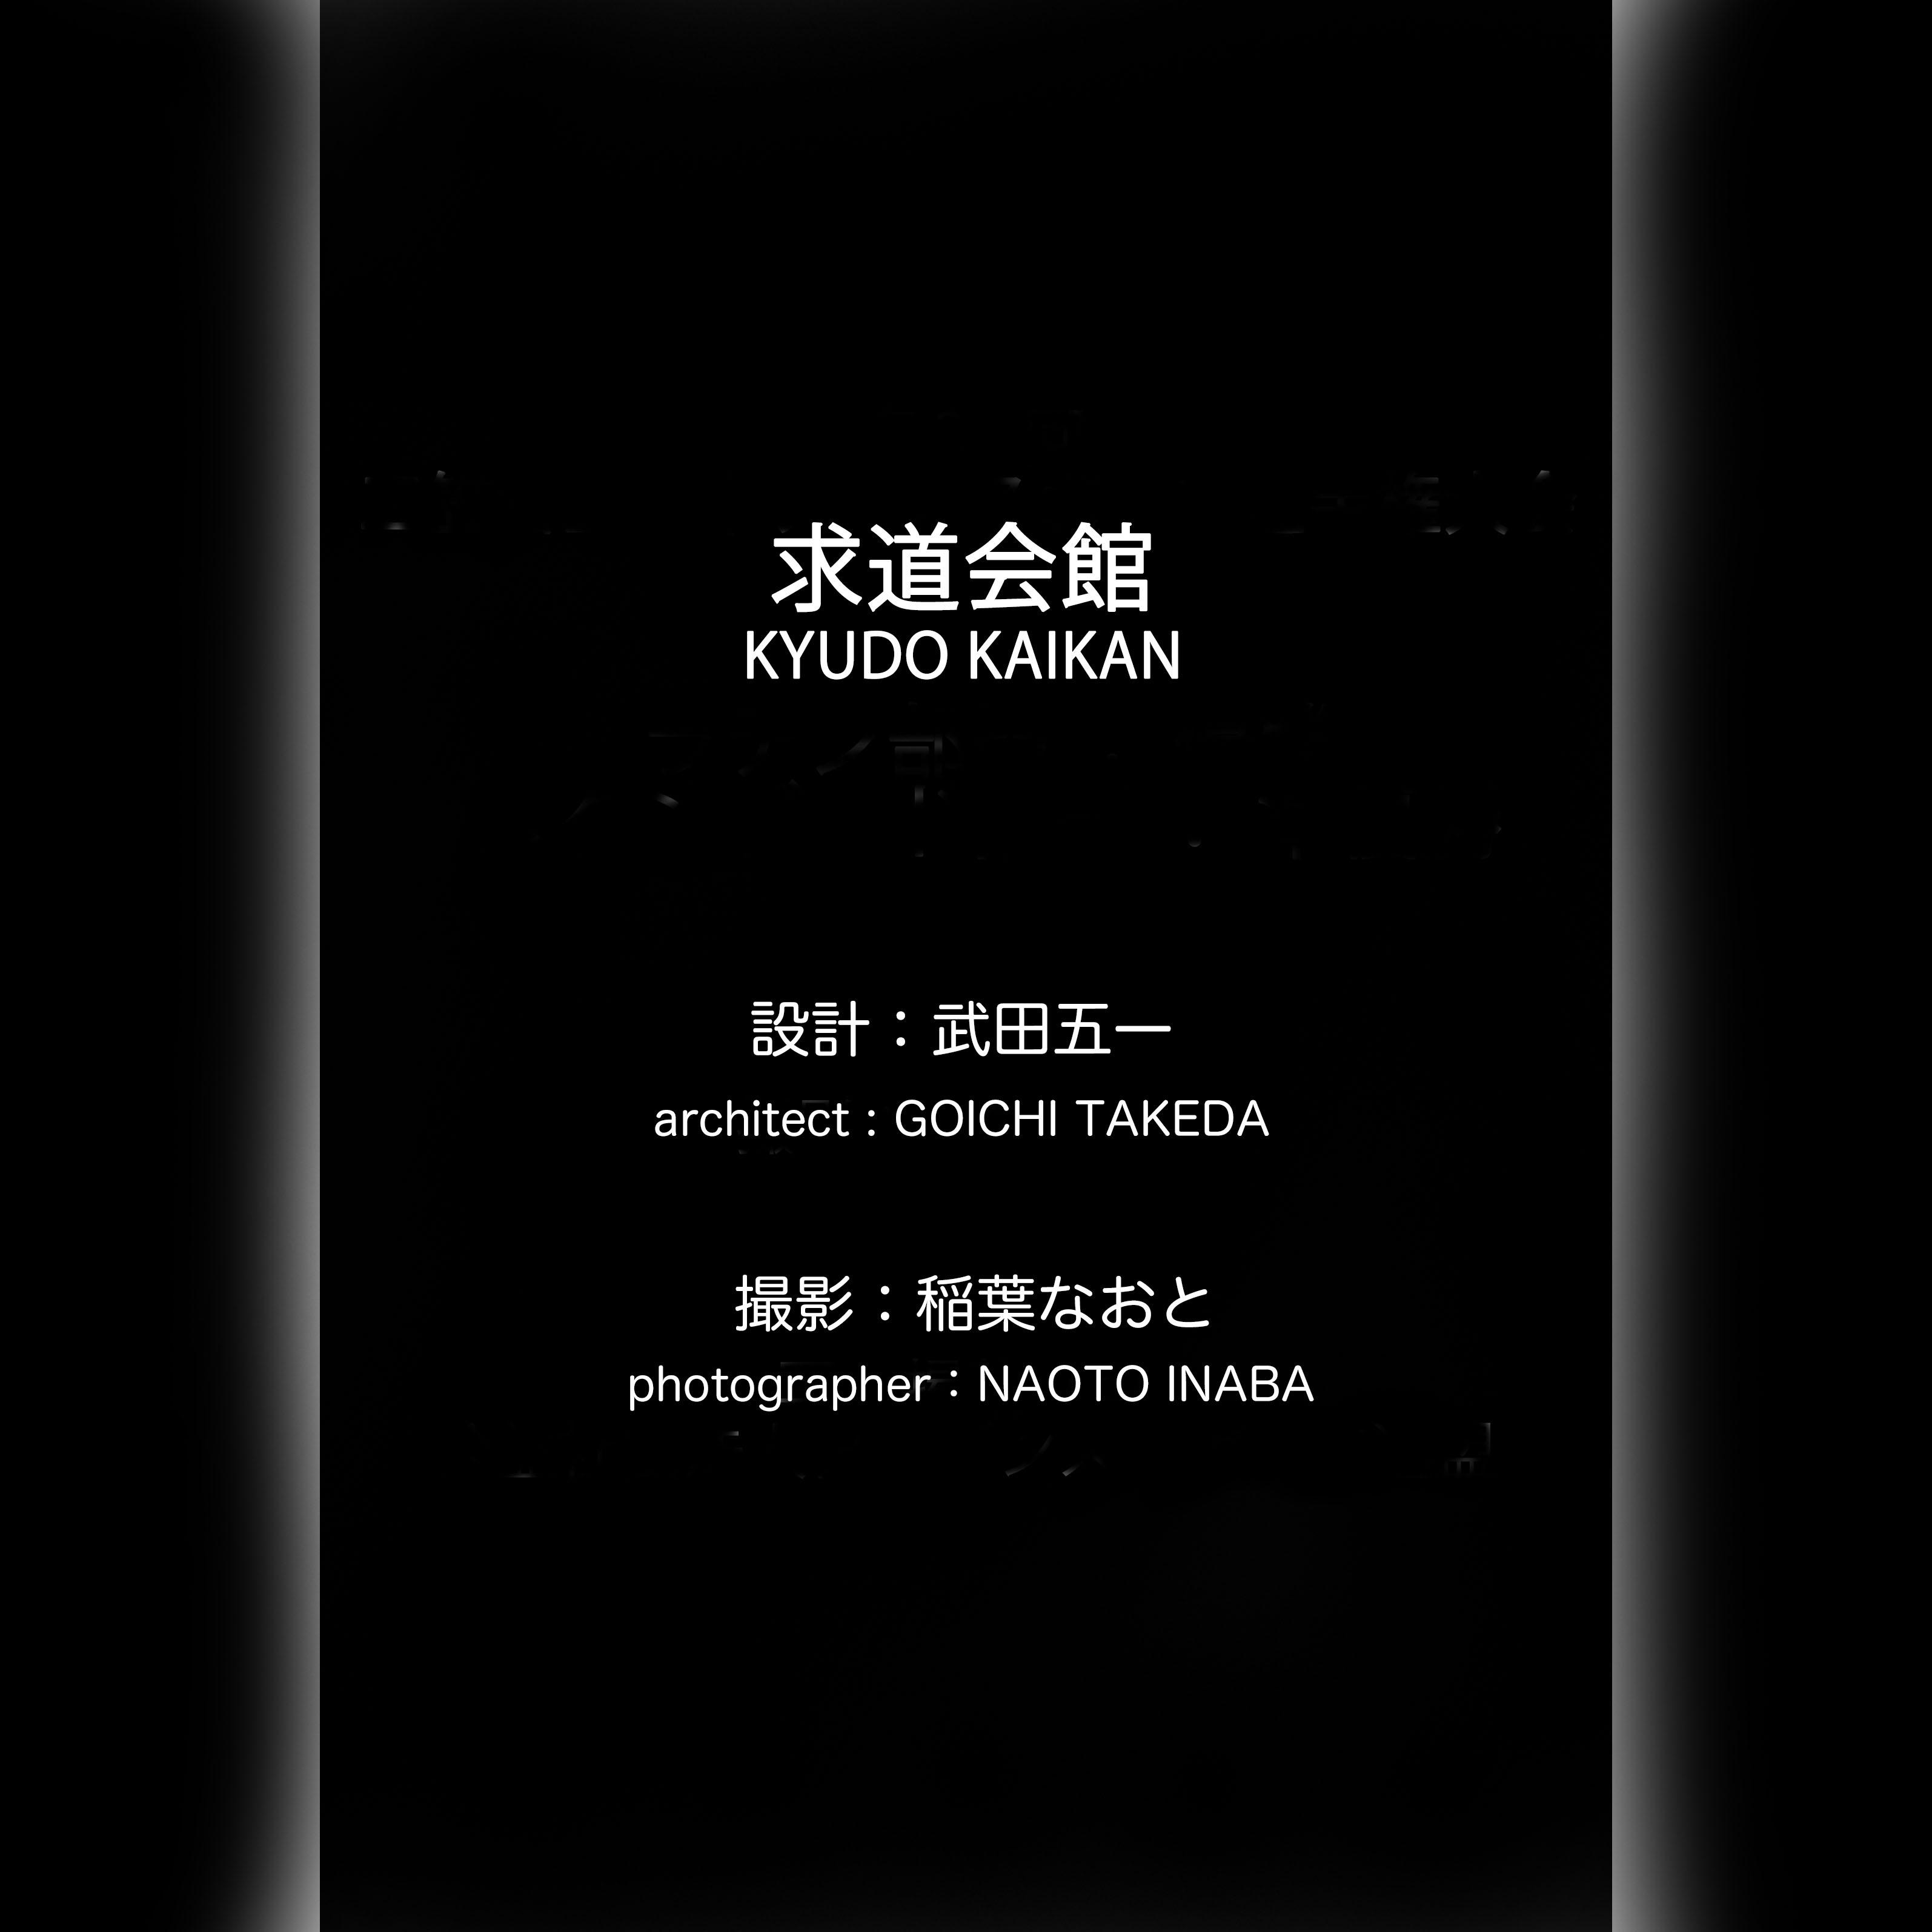 求道_edited-1